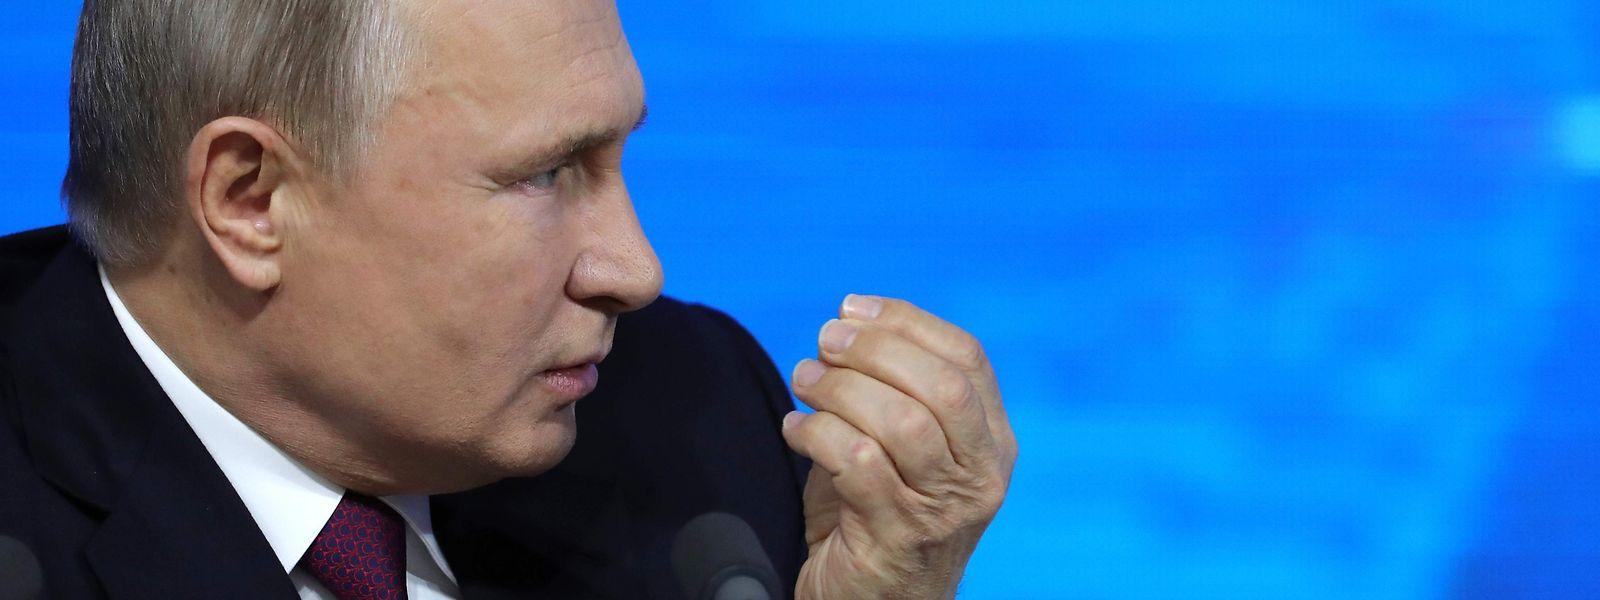 Putin warnte vor den Gefahren eines Atomkriegs.